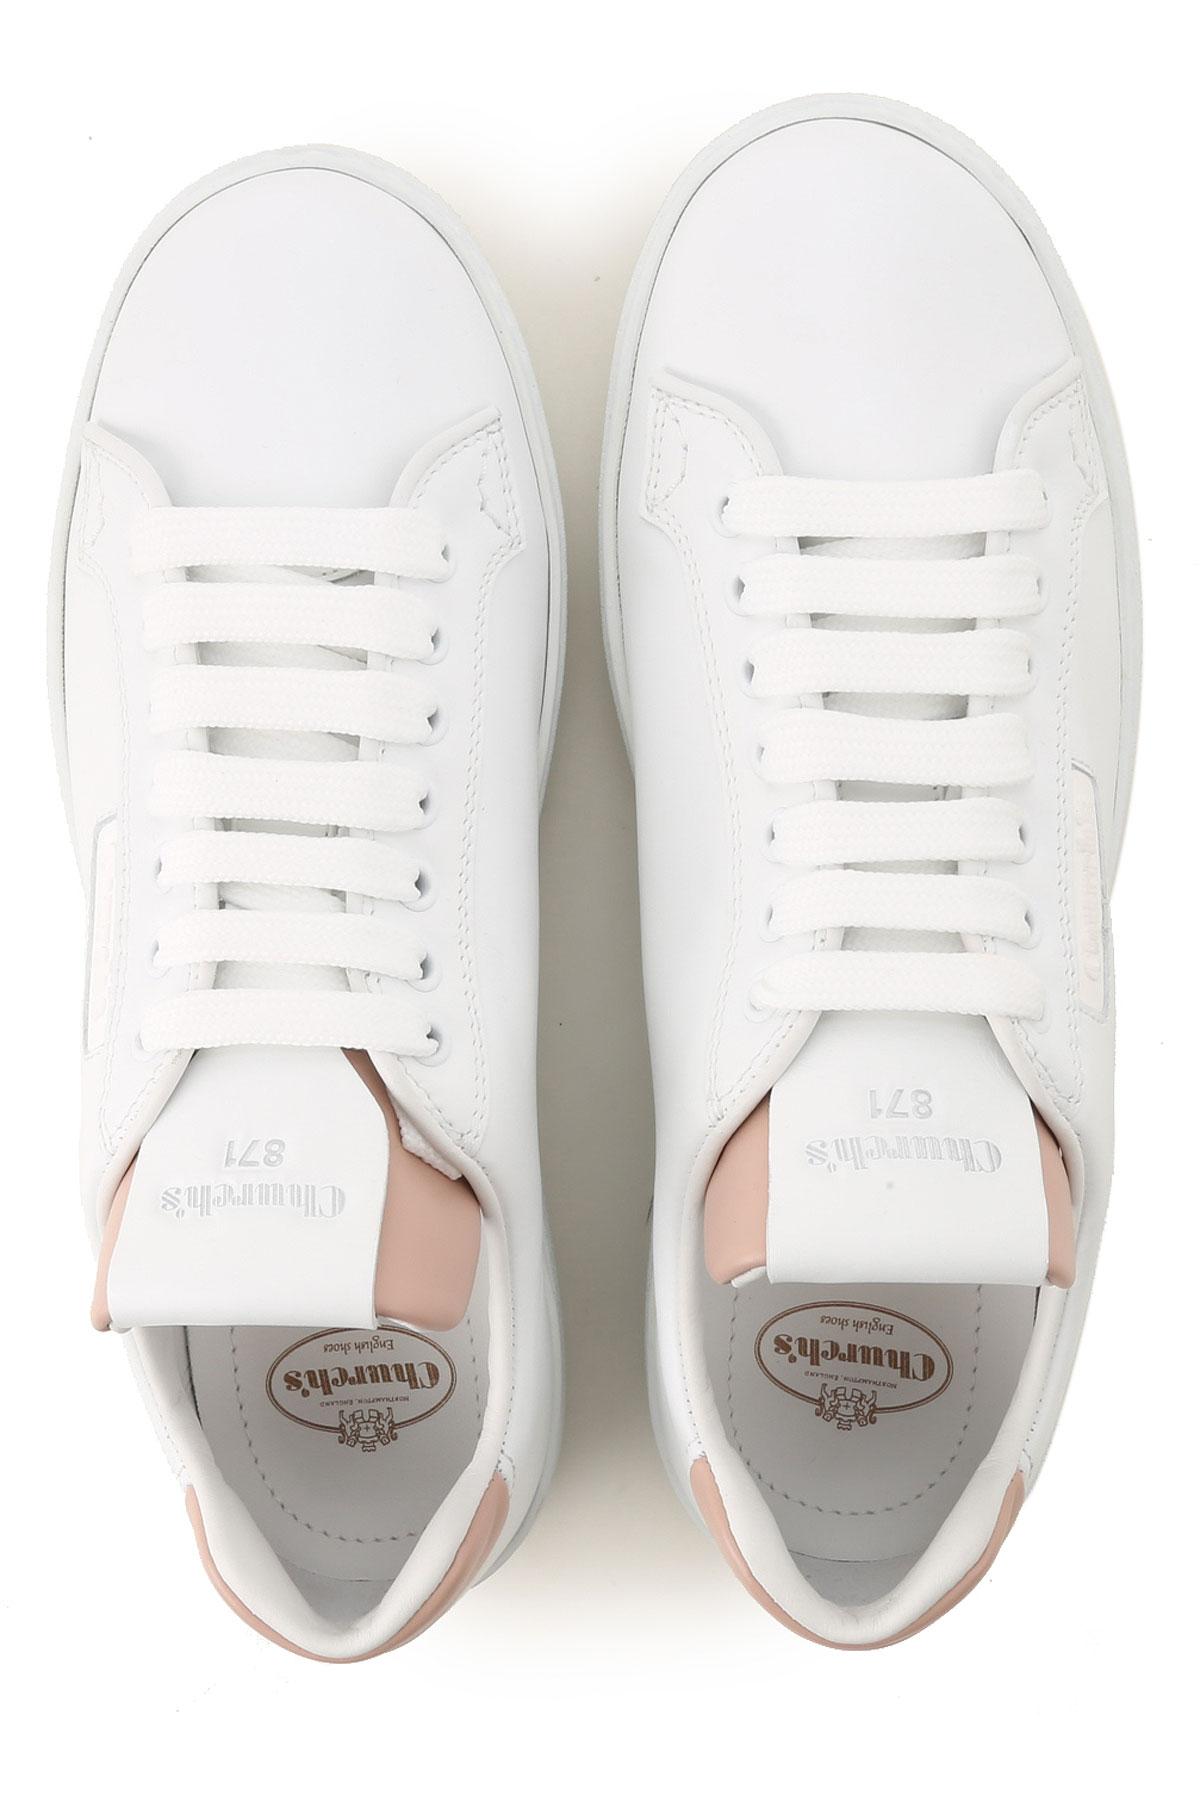 Church's 2019 Rosa Polvo Blanco Primavera Zapatos Para Mujer verano xqSPwF